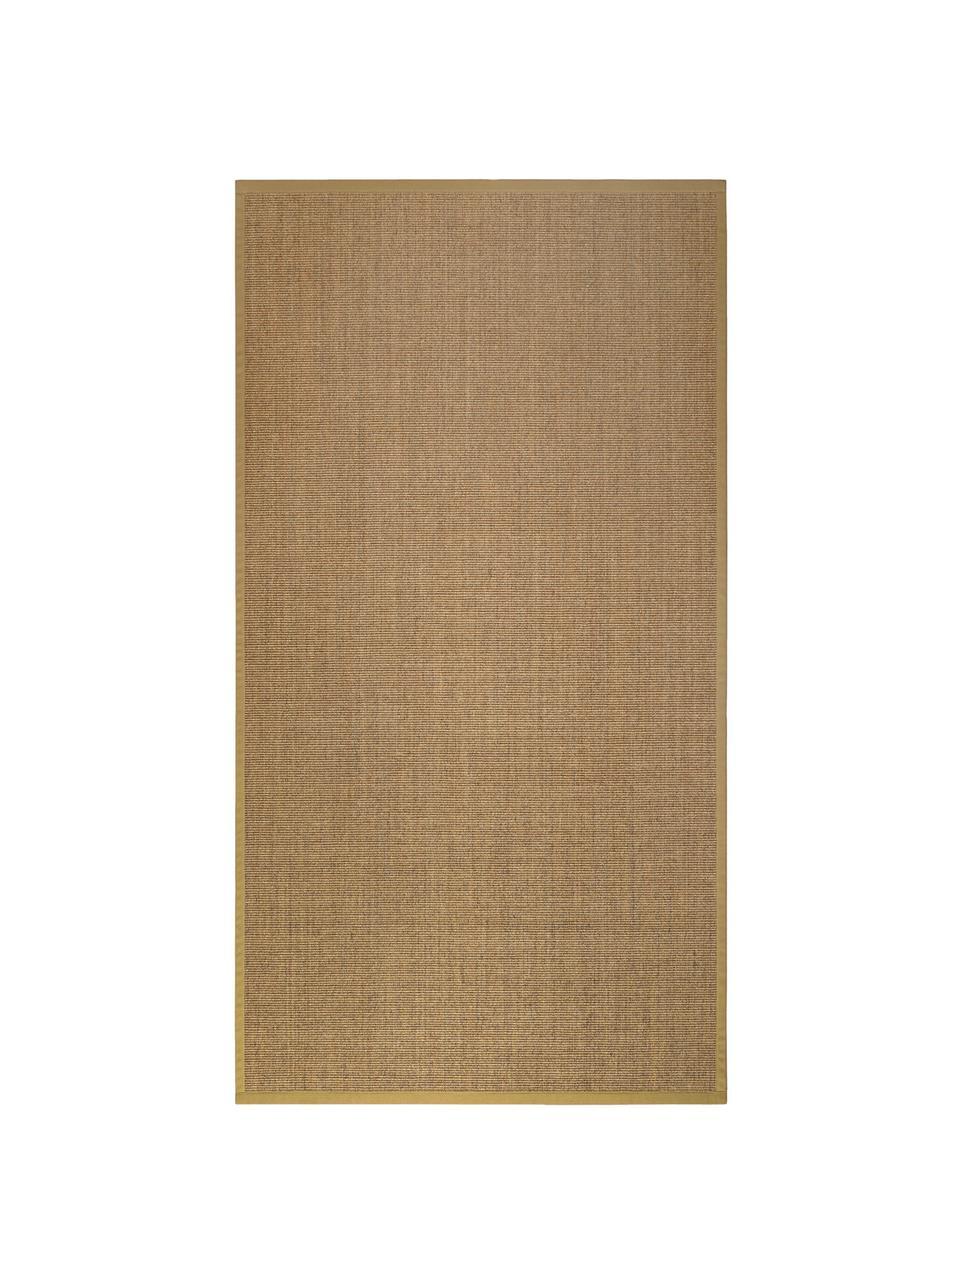 Sisal vloerkleed Leonie in beige, Bovenzijde: 100% sisal vezels, Onderzijde: latex, Beige, B 300 x L 400 cm (Maat XL)